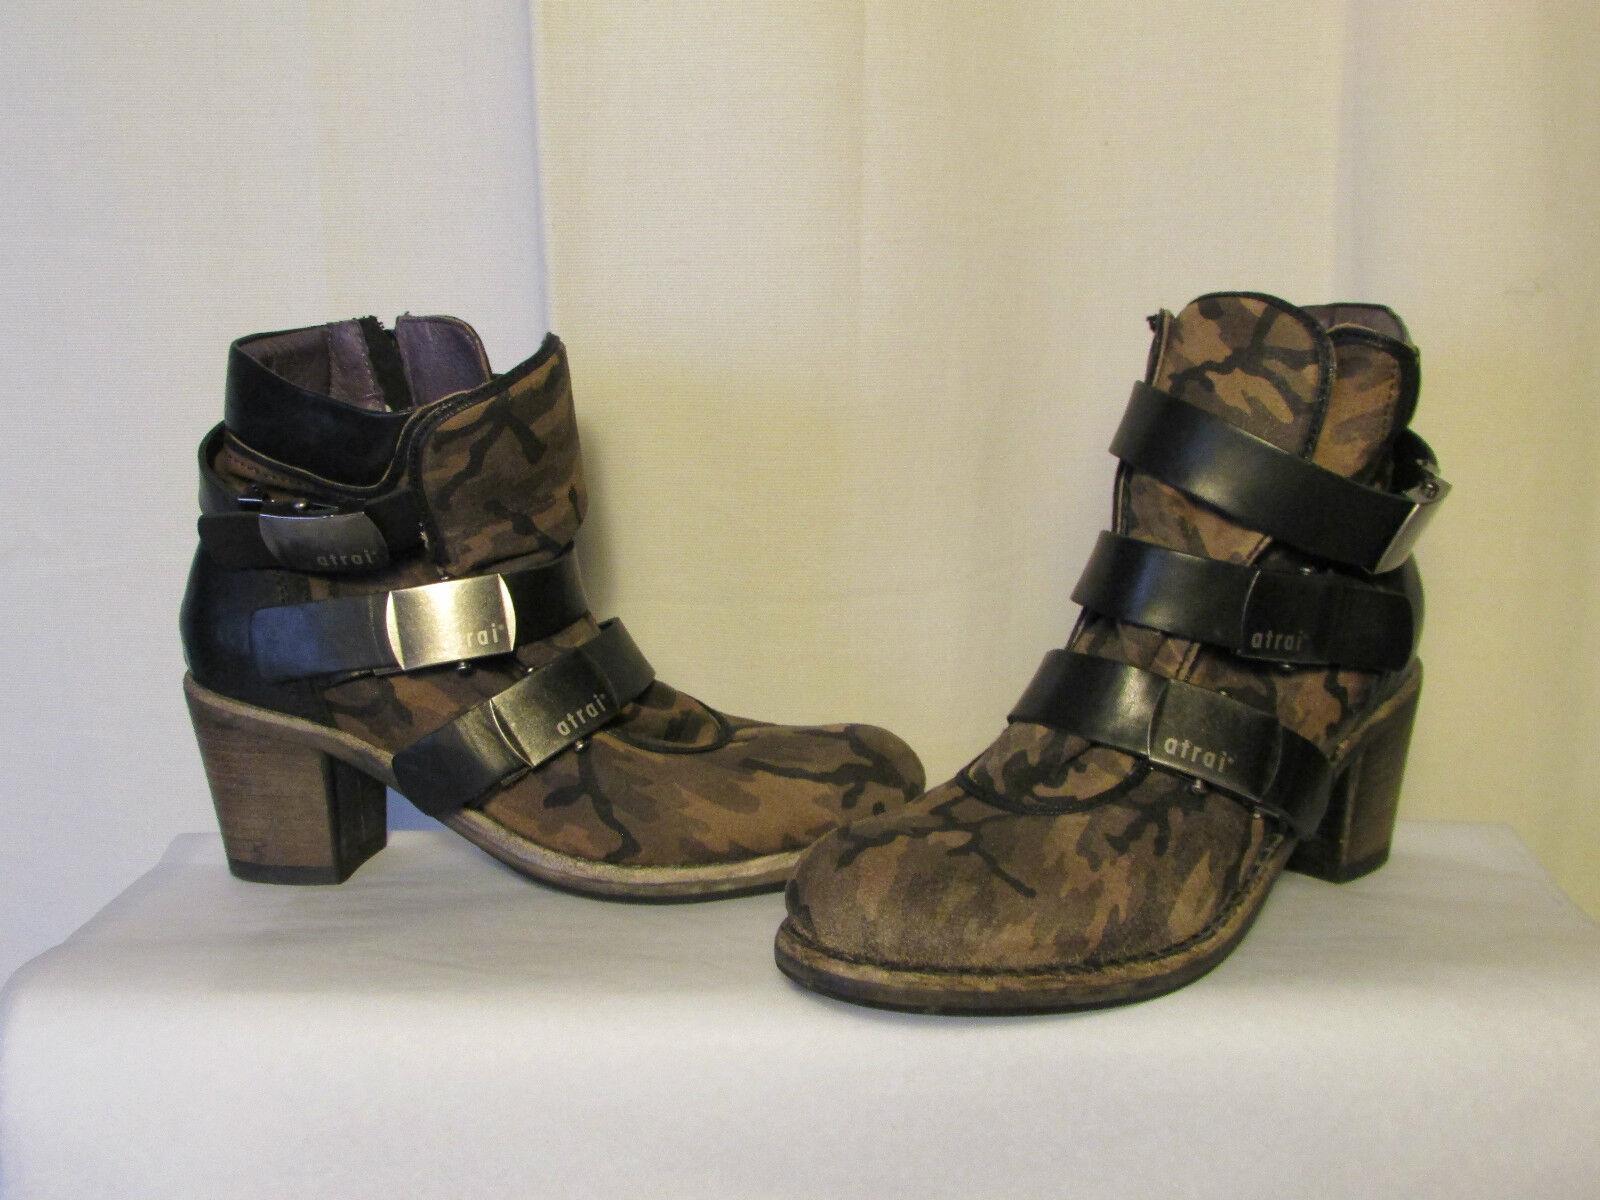 Stivali/stivali ATRAI camoscio camouflage e cuoio nero 41